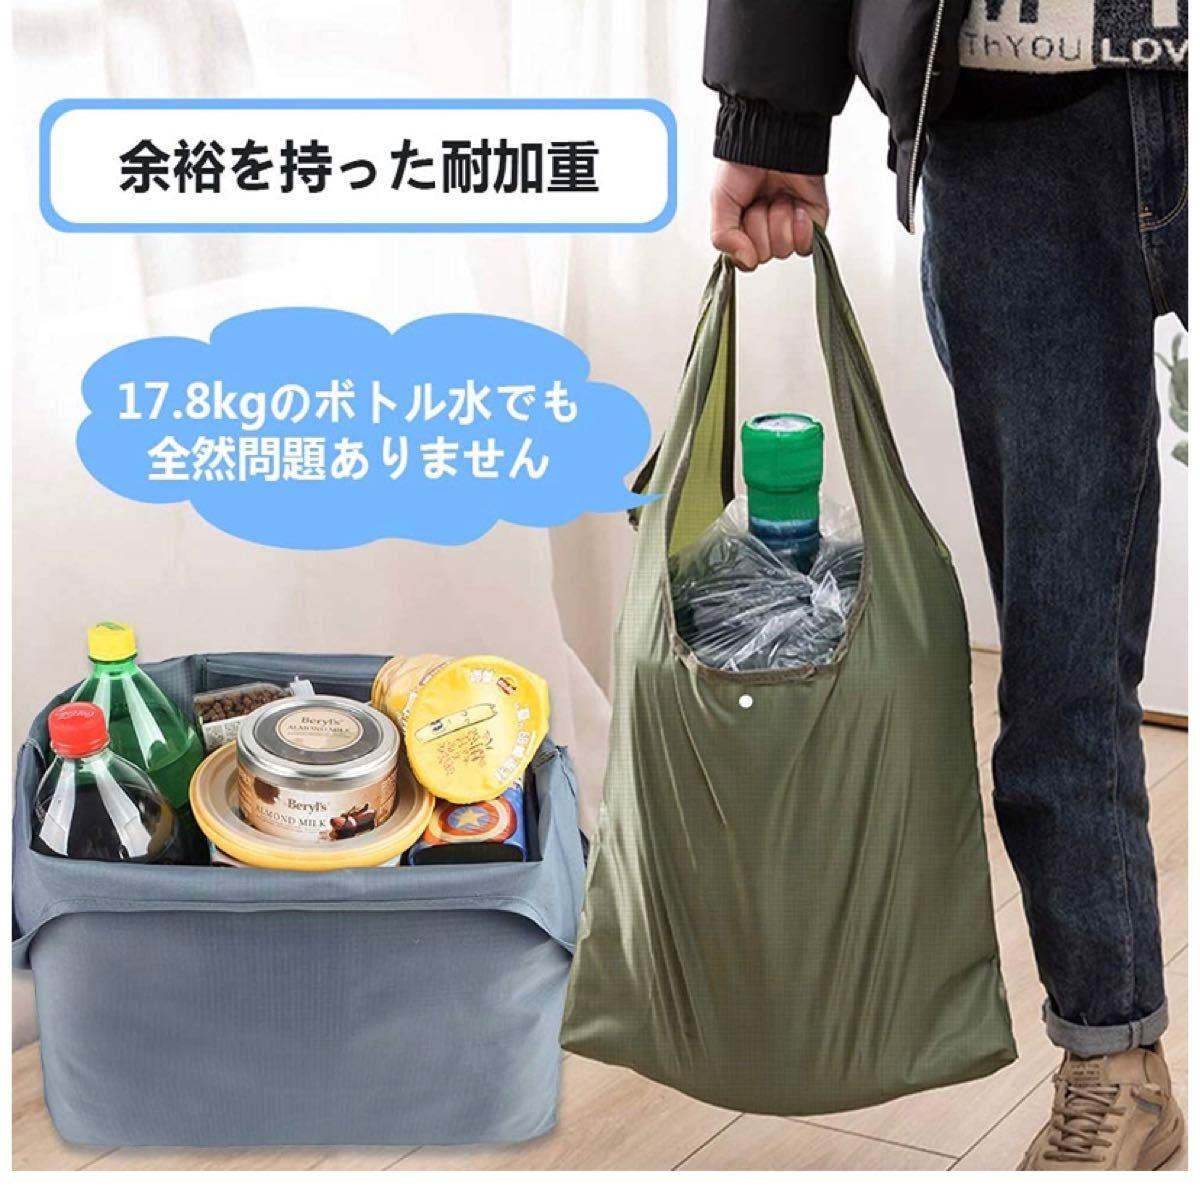 エコバッグ 折りたたみ コンビニ おしゃれ 買い物バッグ コンパクト 防水素材